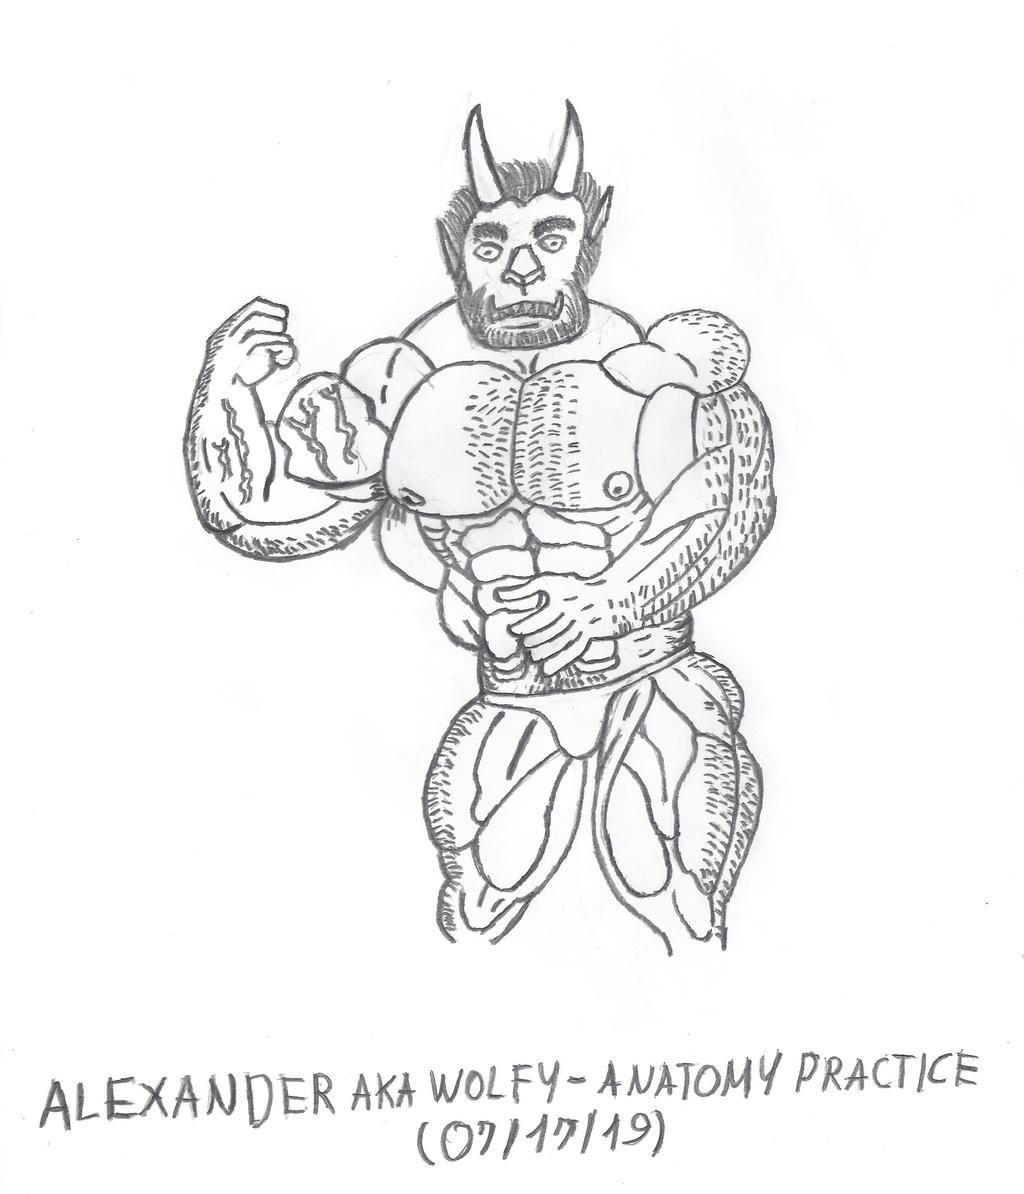 Alexander AKA Wolfy